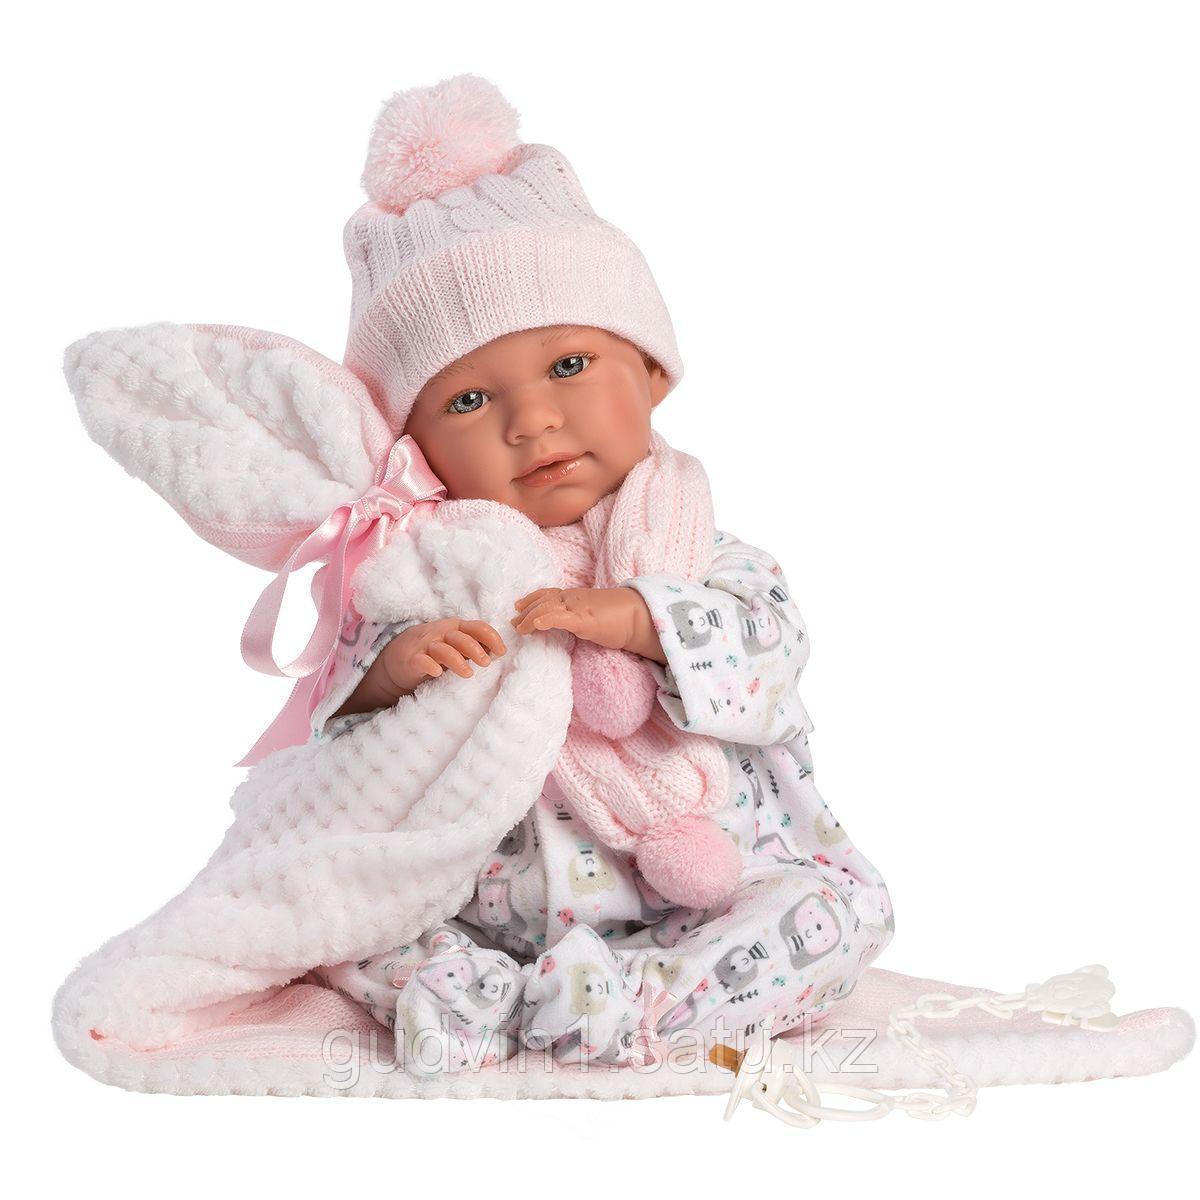 LLORENS: Пупс Малышка 42 см., в пижаме скучающая 74084